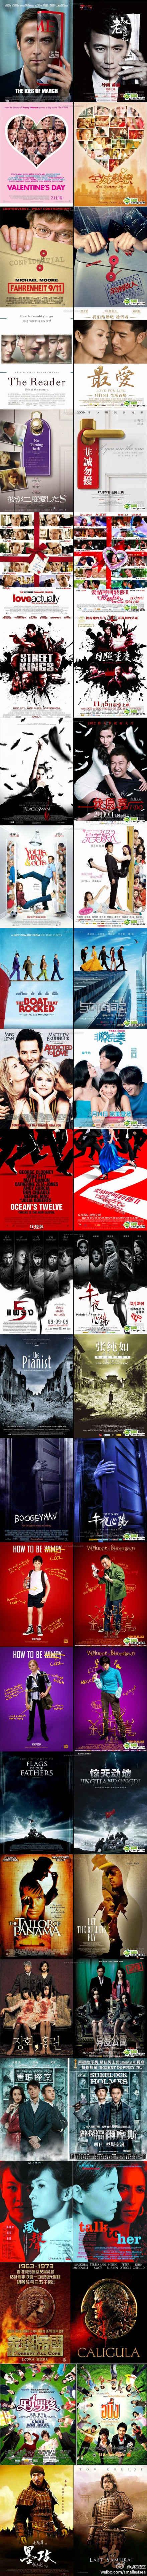 每一个海外电影海报都有一个中国宿敌。